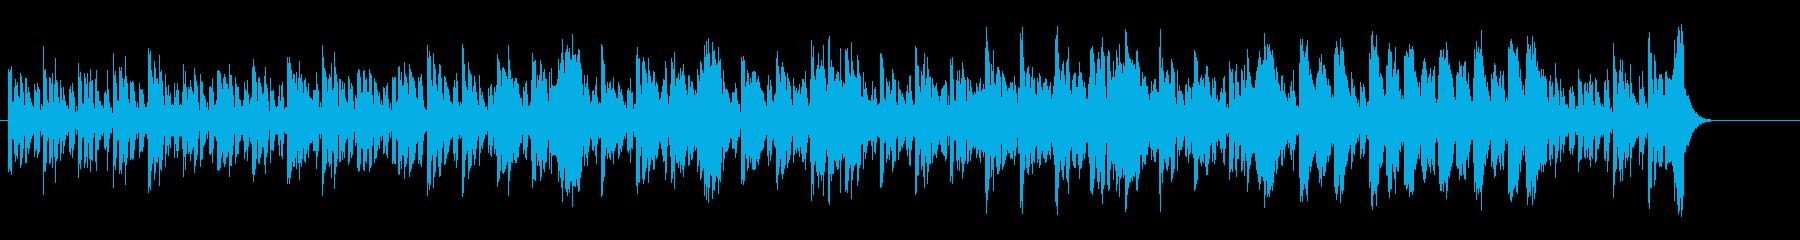 報道/ドキュメンタリー向けサウンドの再生済みの波形